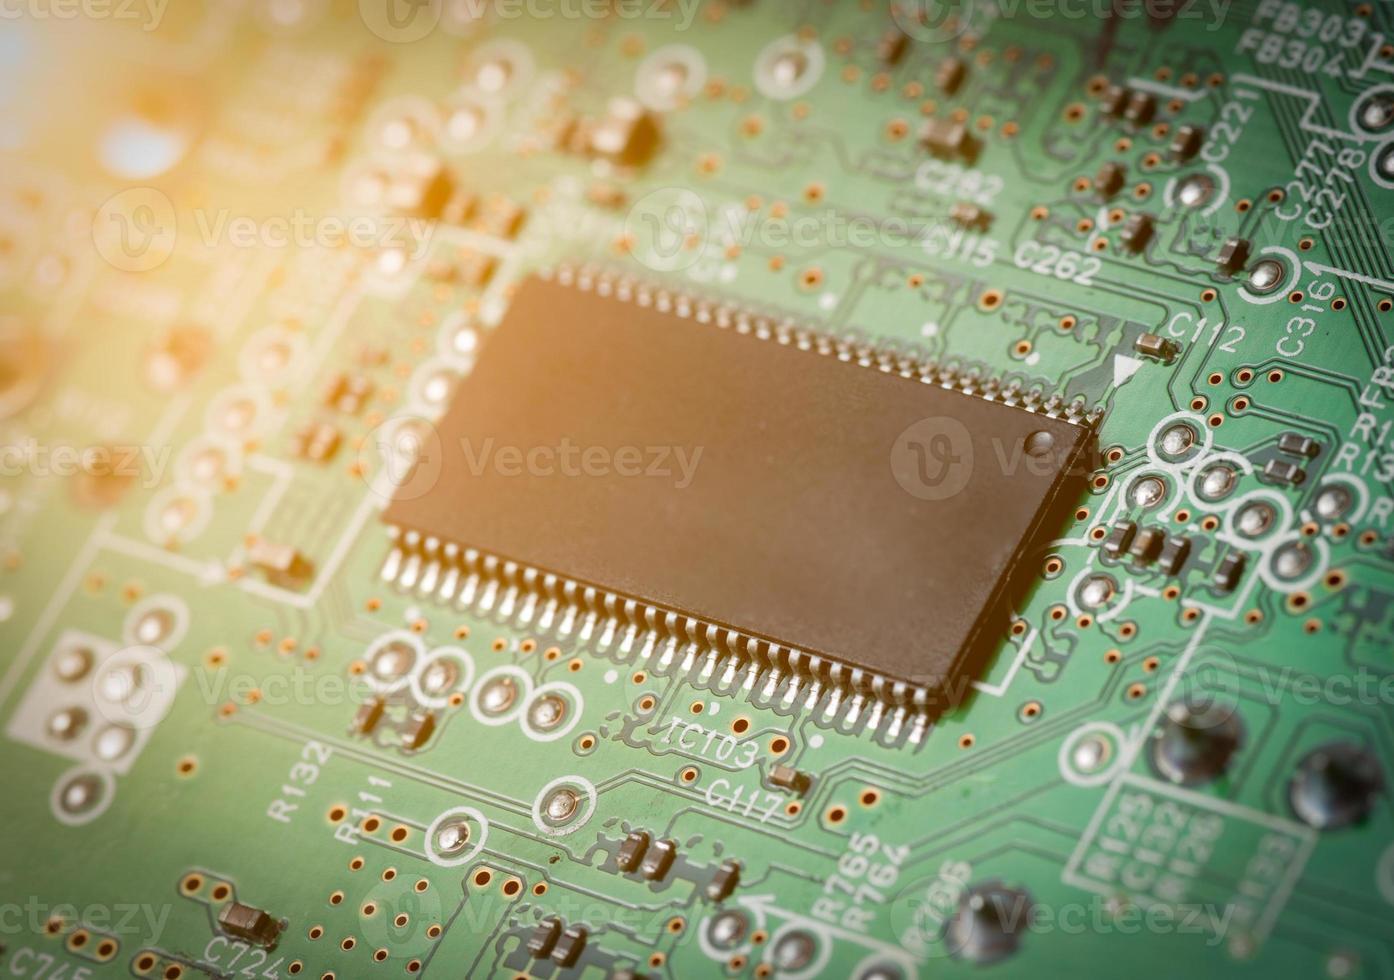 circuito eletrônico para padrão e plano de fundo. foto